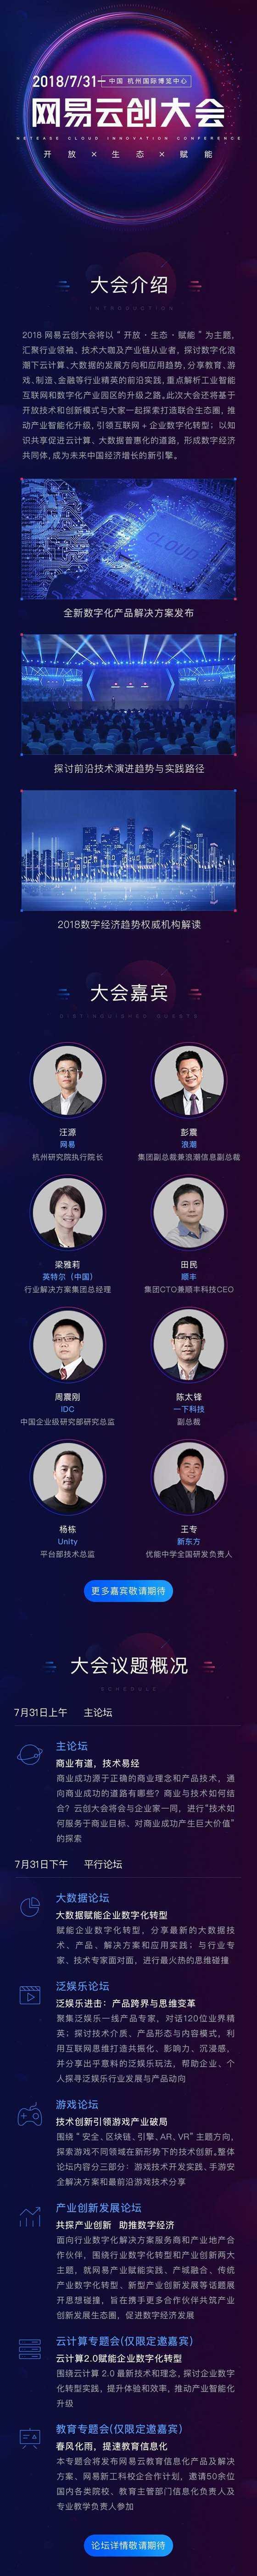 2018云创大会活动平台长图1.jpg